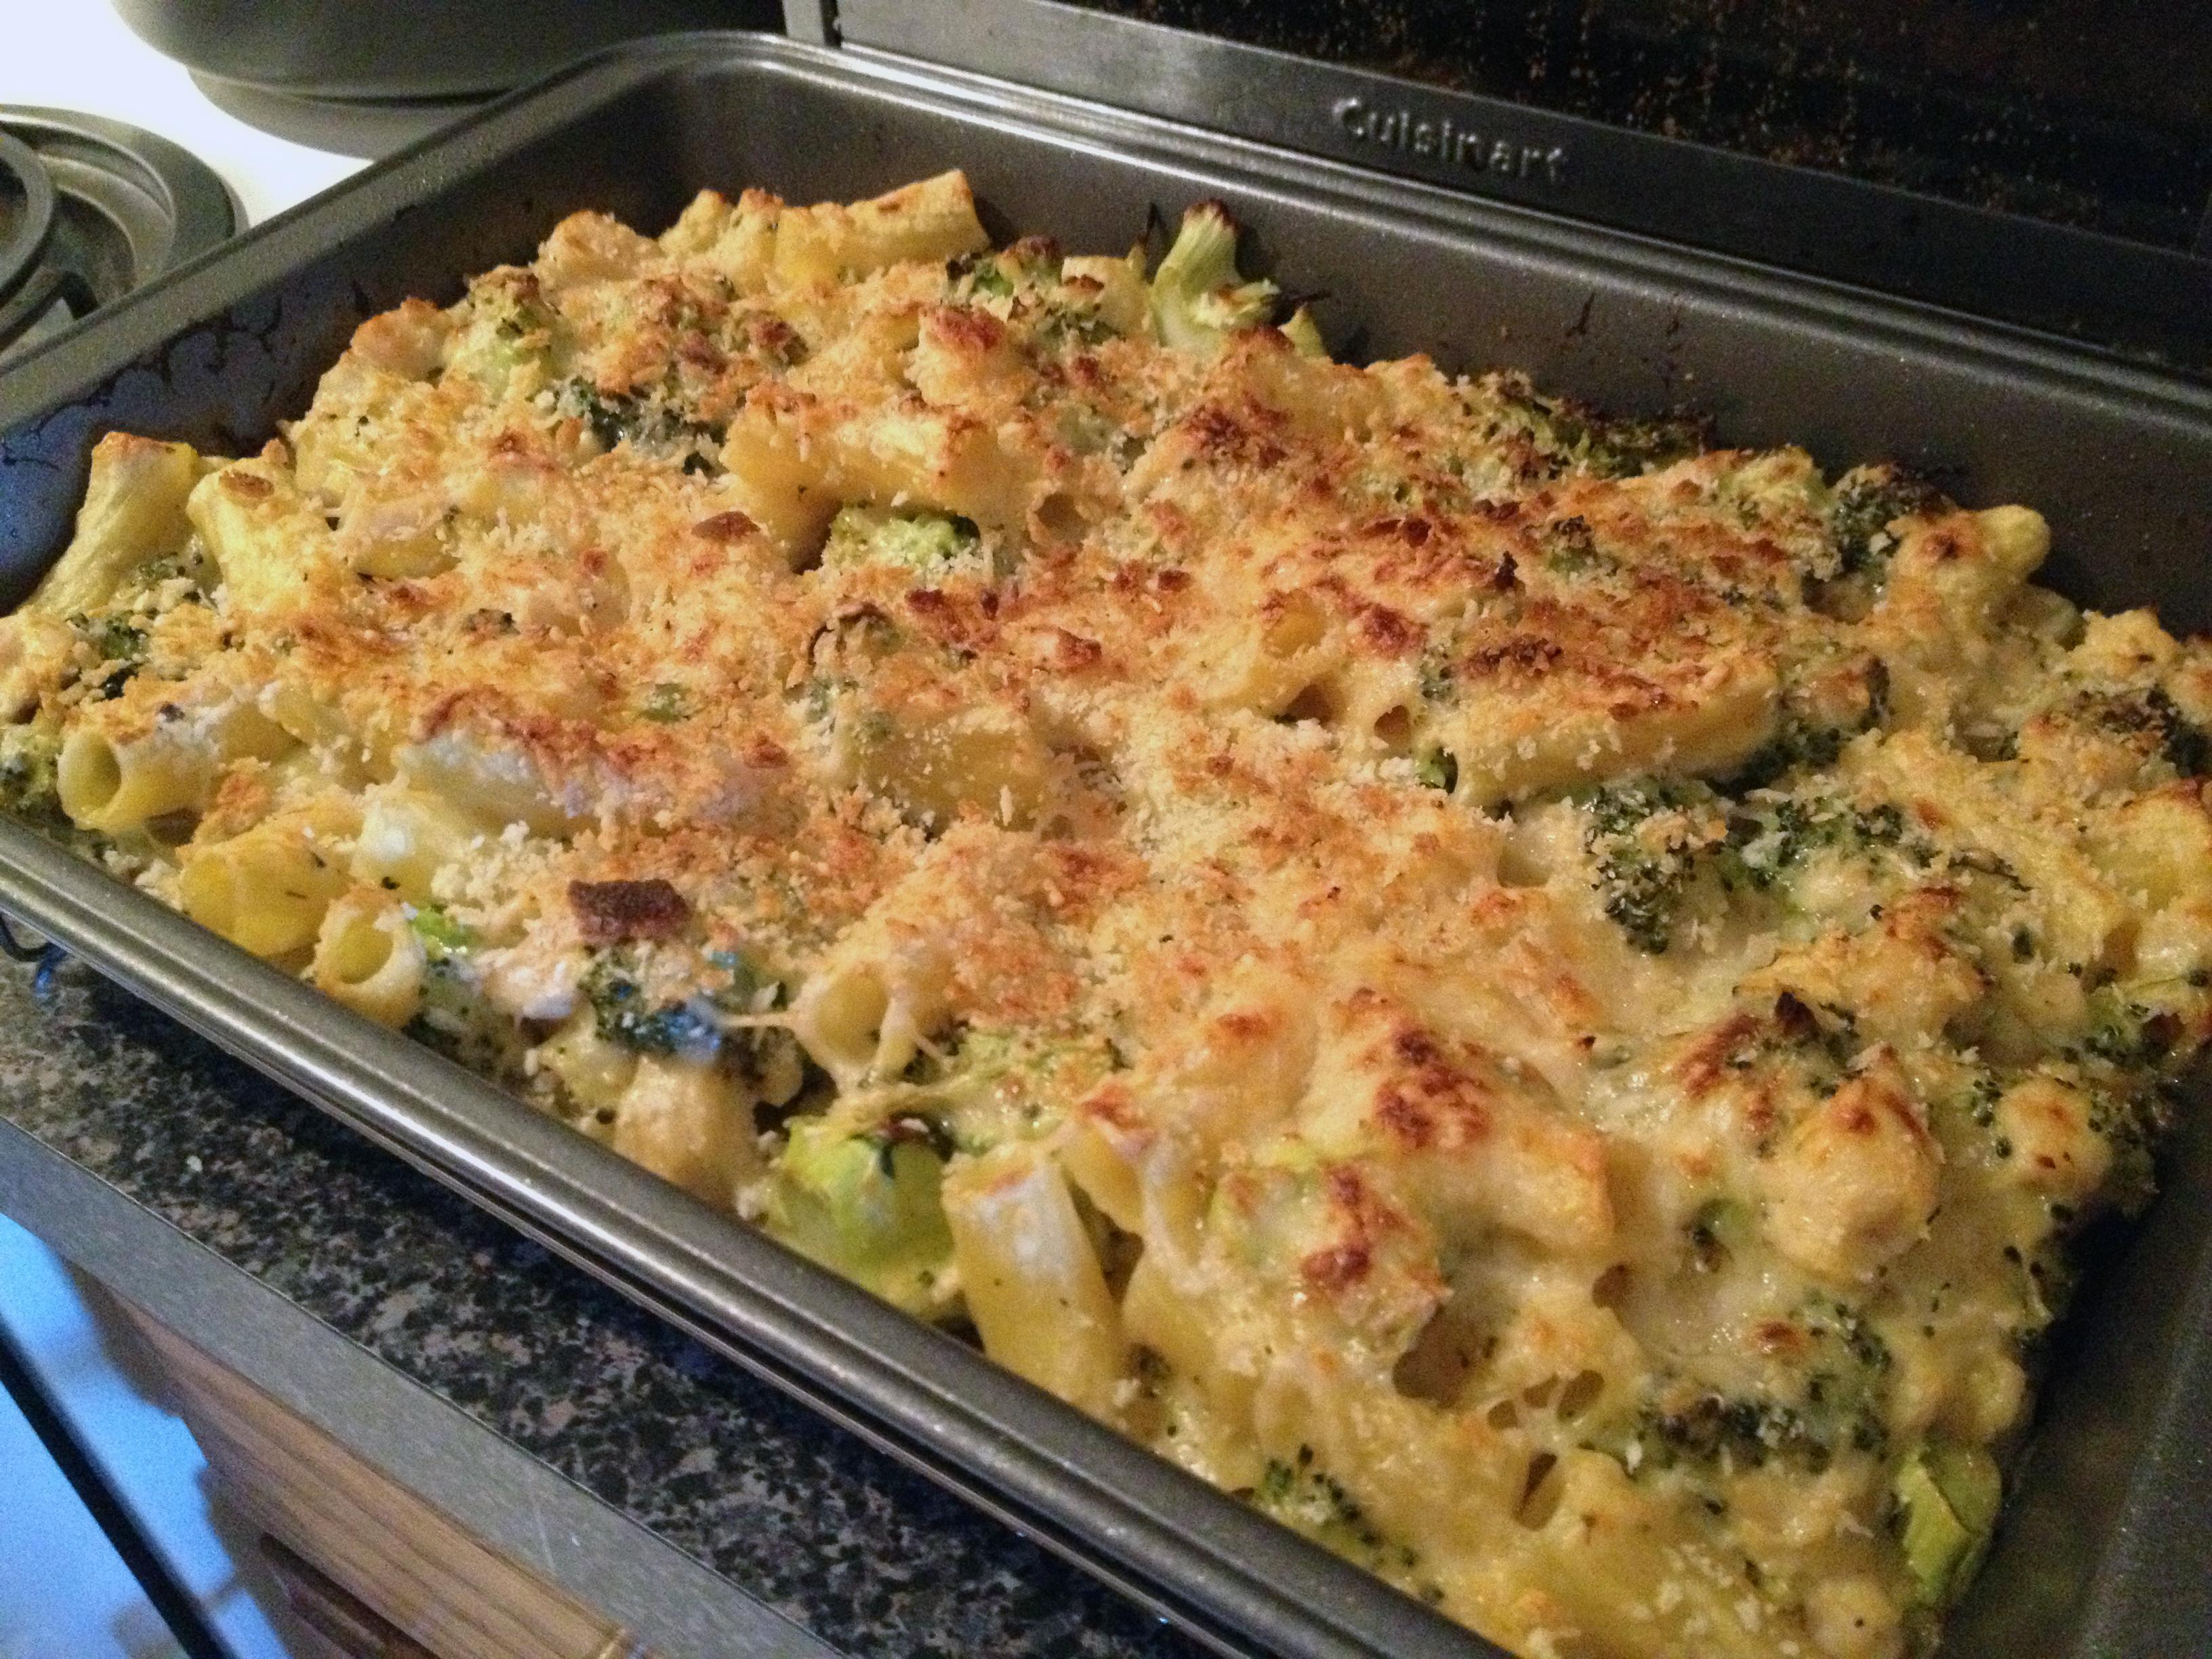 Chicken And Broccoli Noodle Casserole Recipes — Dishmaps